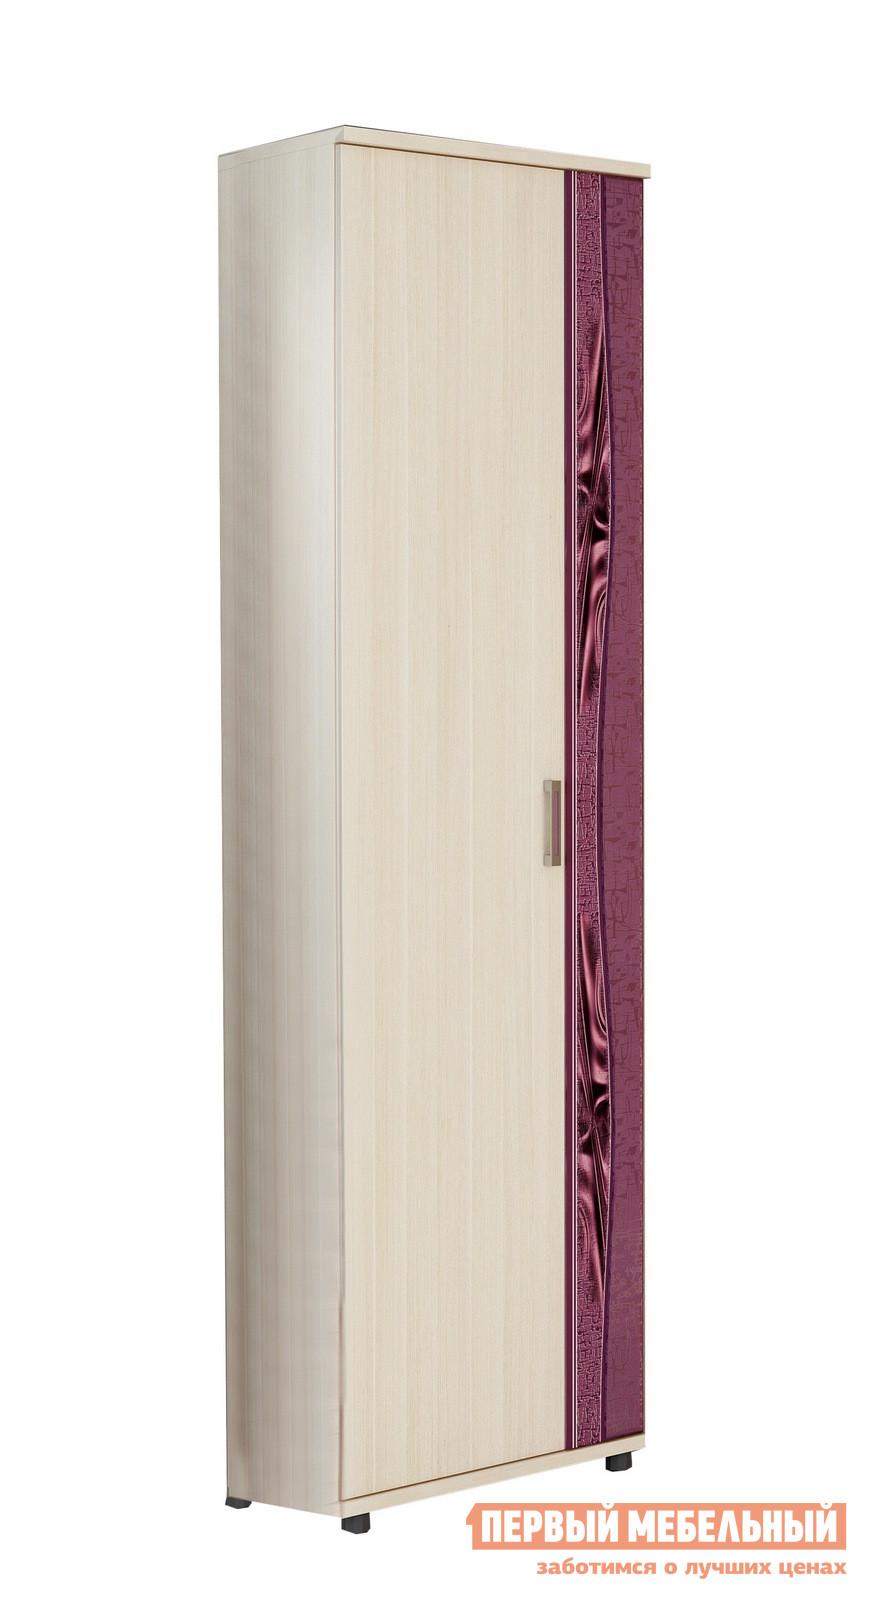 Шкаф распашной Витра 37.01 витра шкаф распашной витра 95 11 шкаф двухдверный венге бел дуб